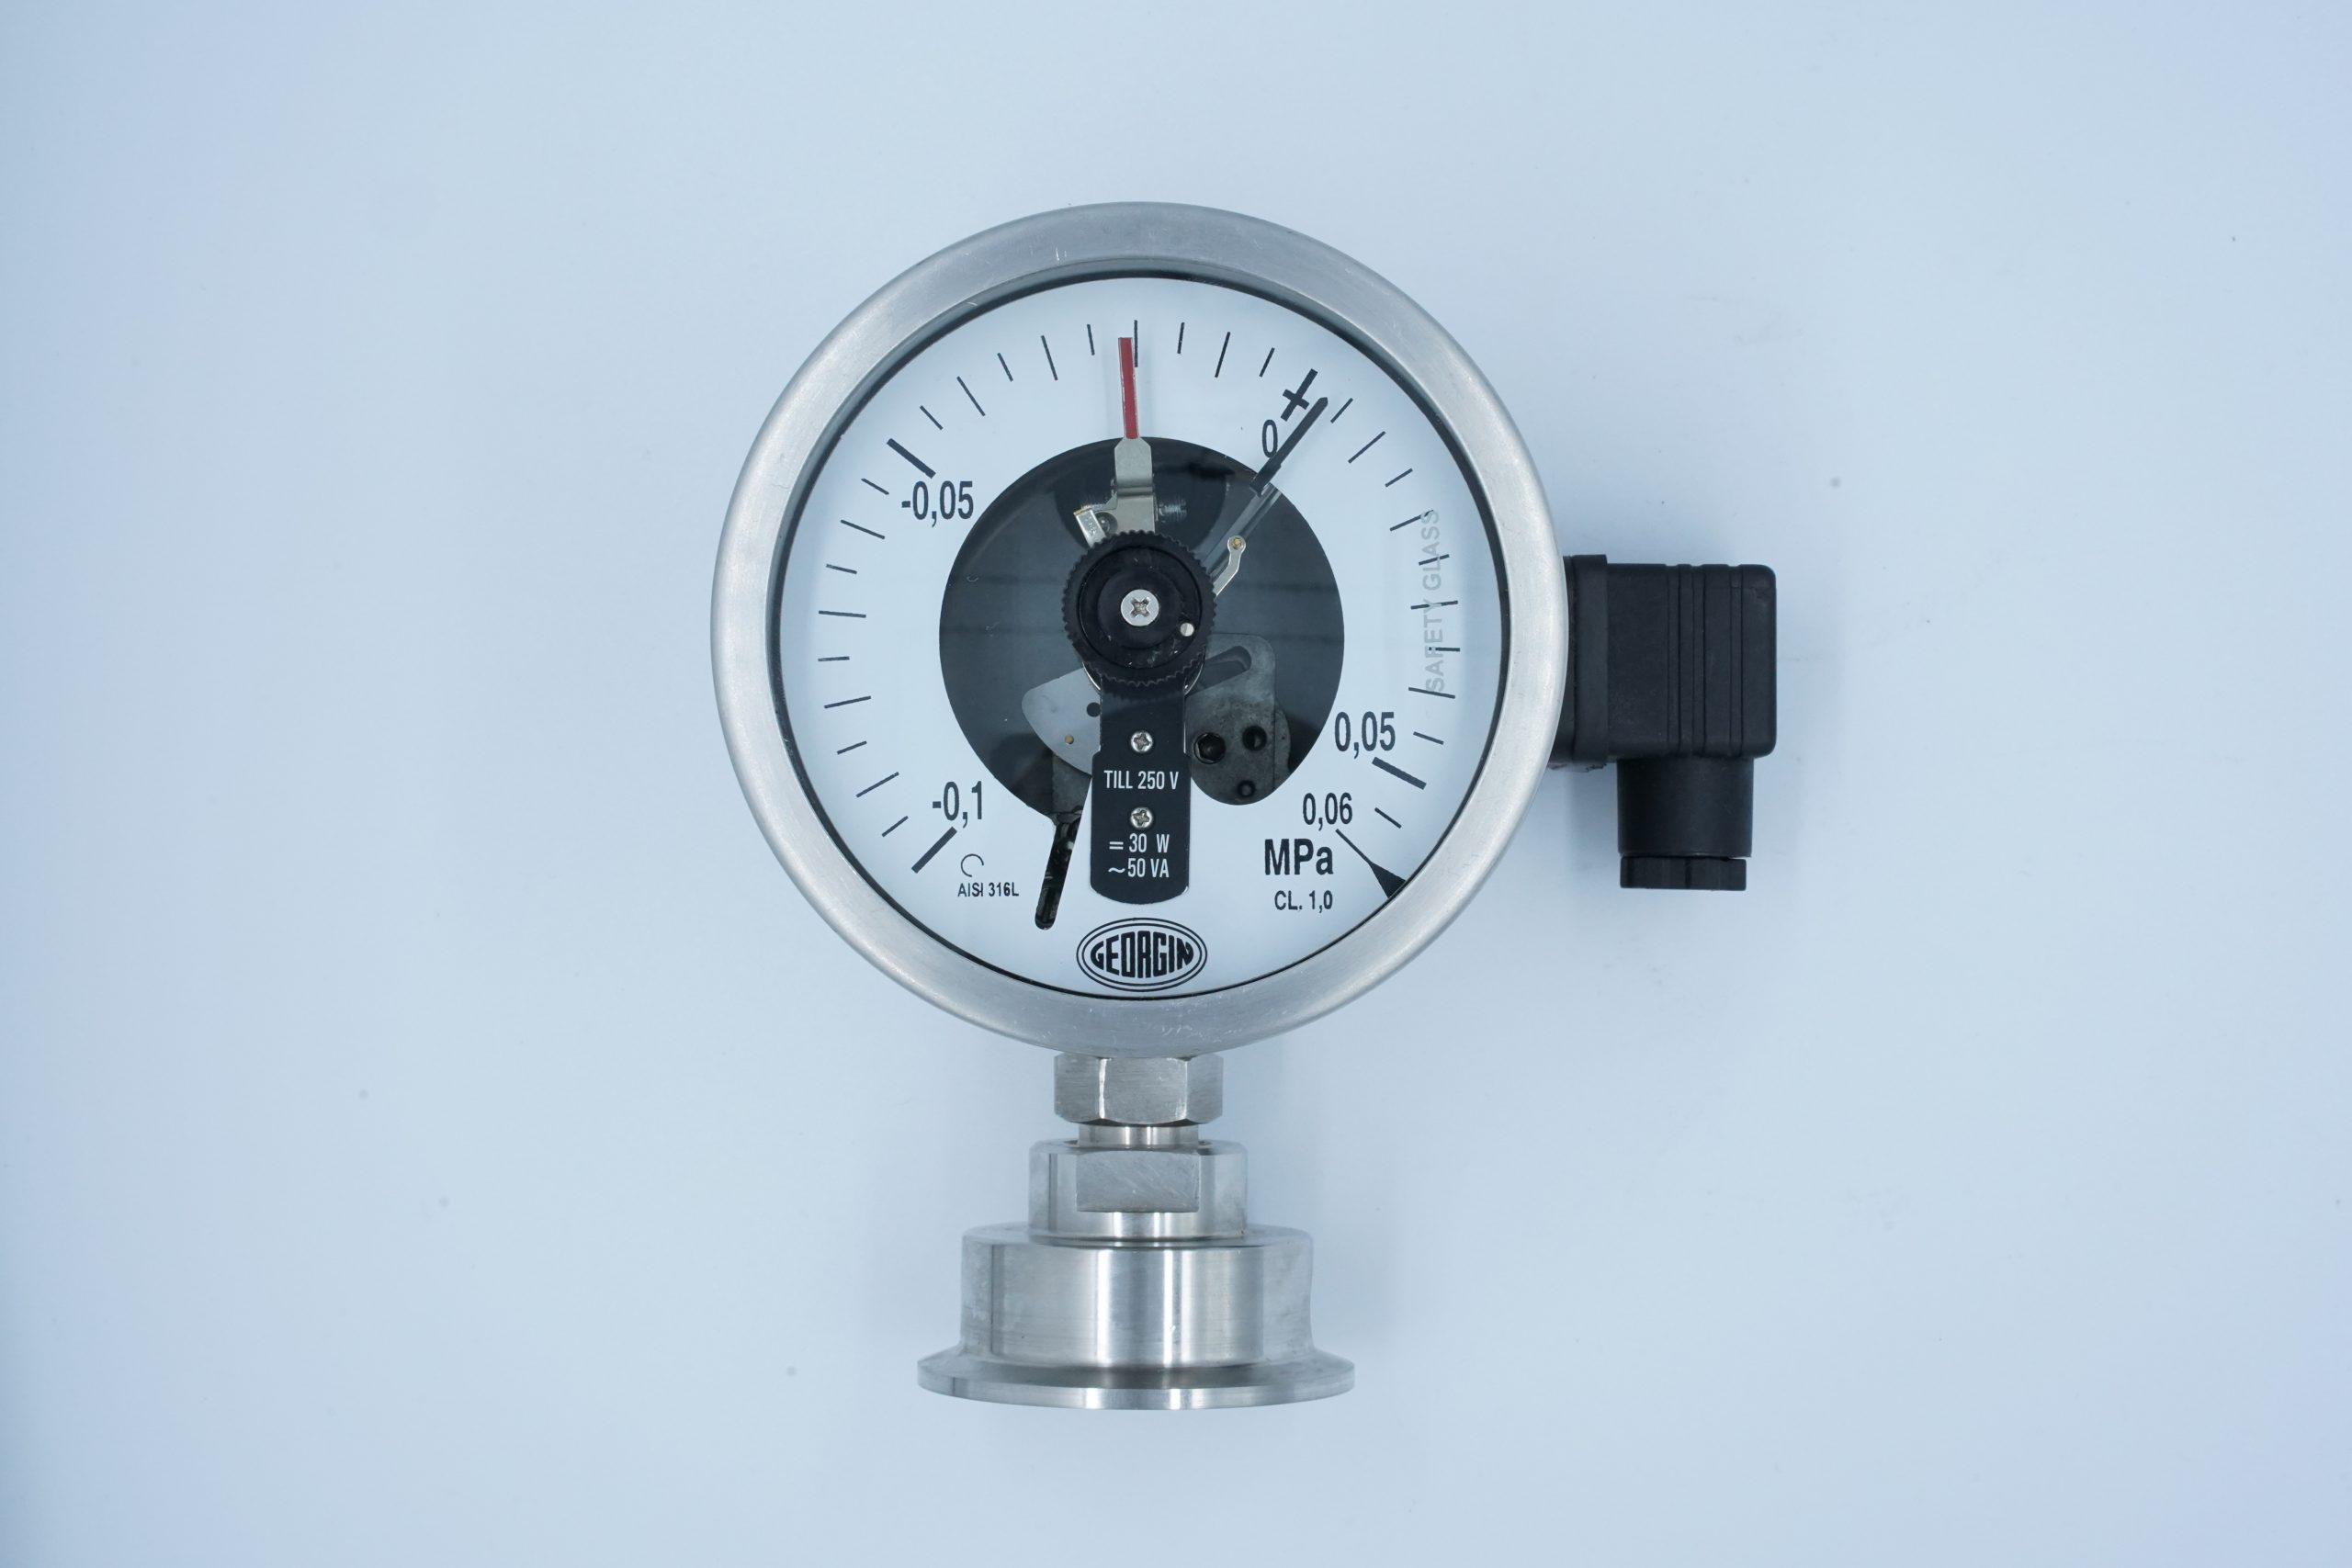 Đơn vị MPa được sử dụng trong đồng hồ áp suất